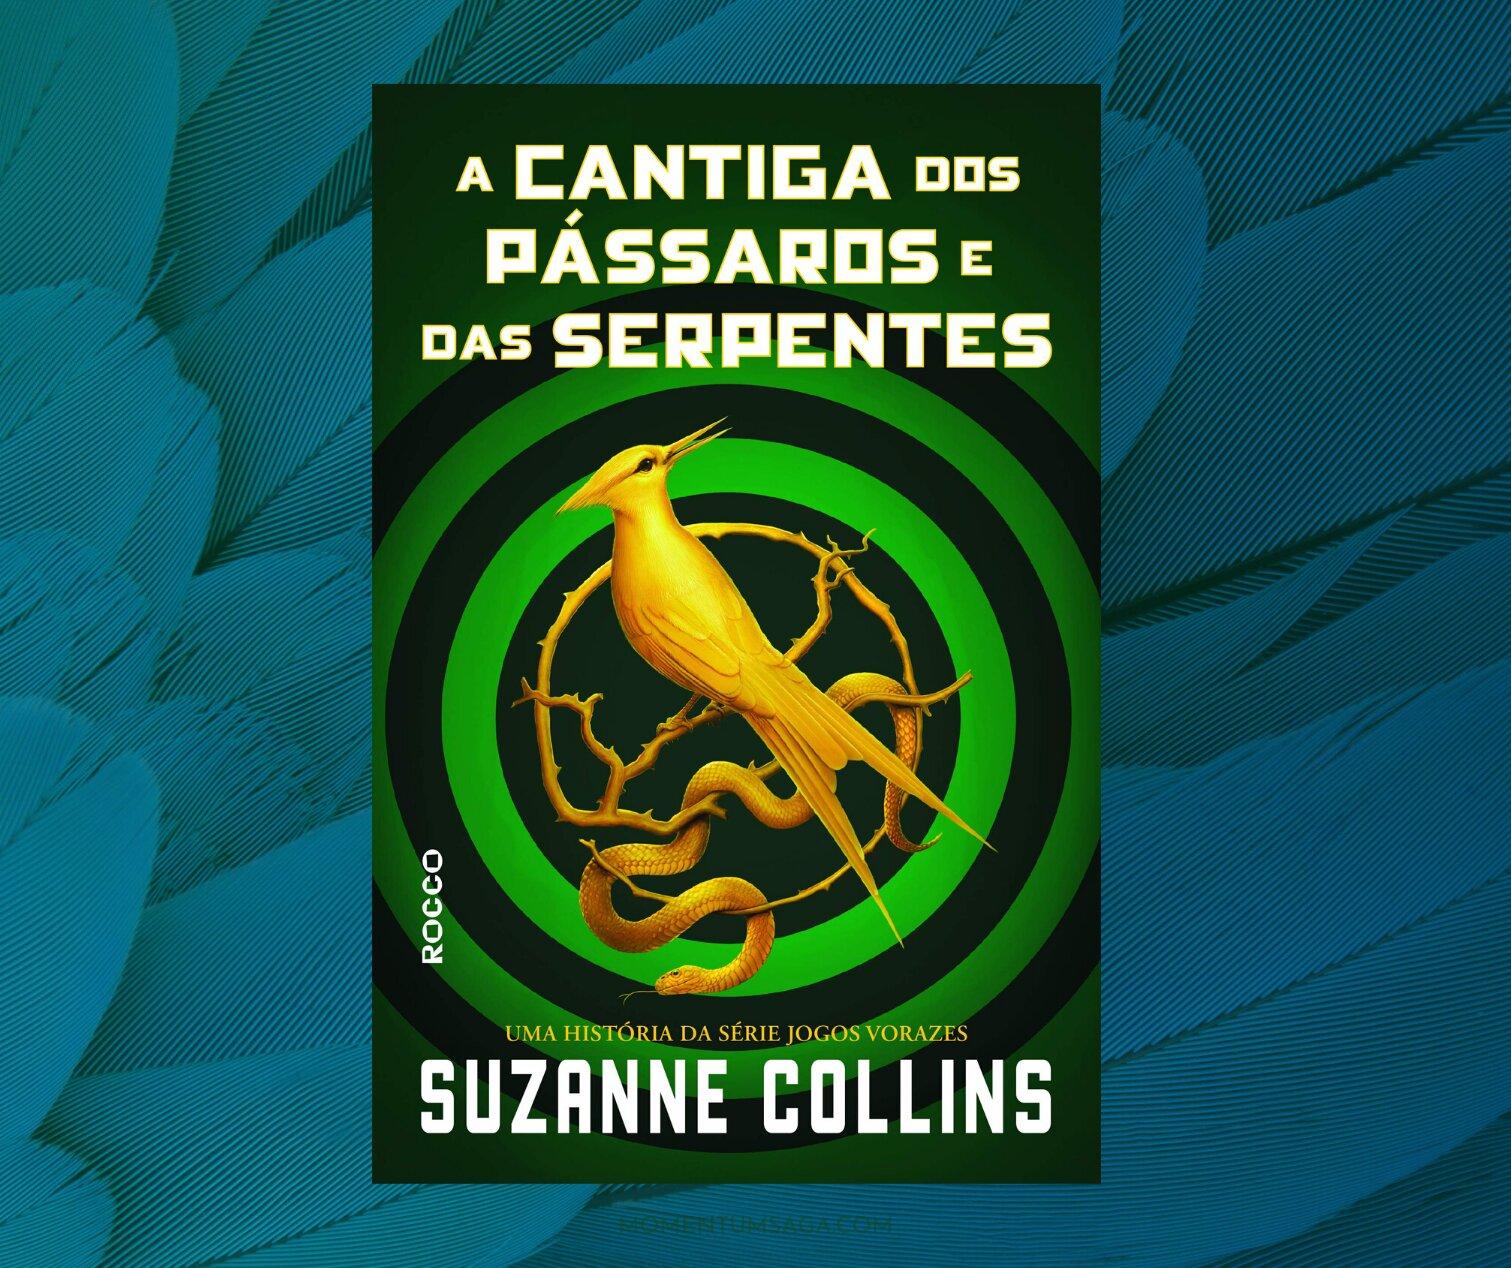 Resenha: A Cantiga dos Pássaros e das Serpentes, de Suzanne Collins